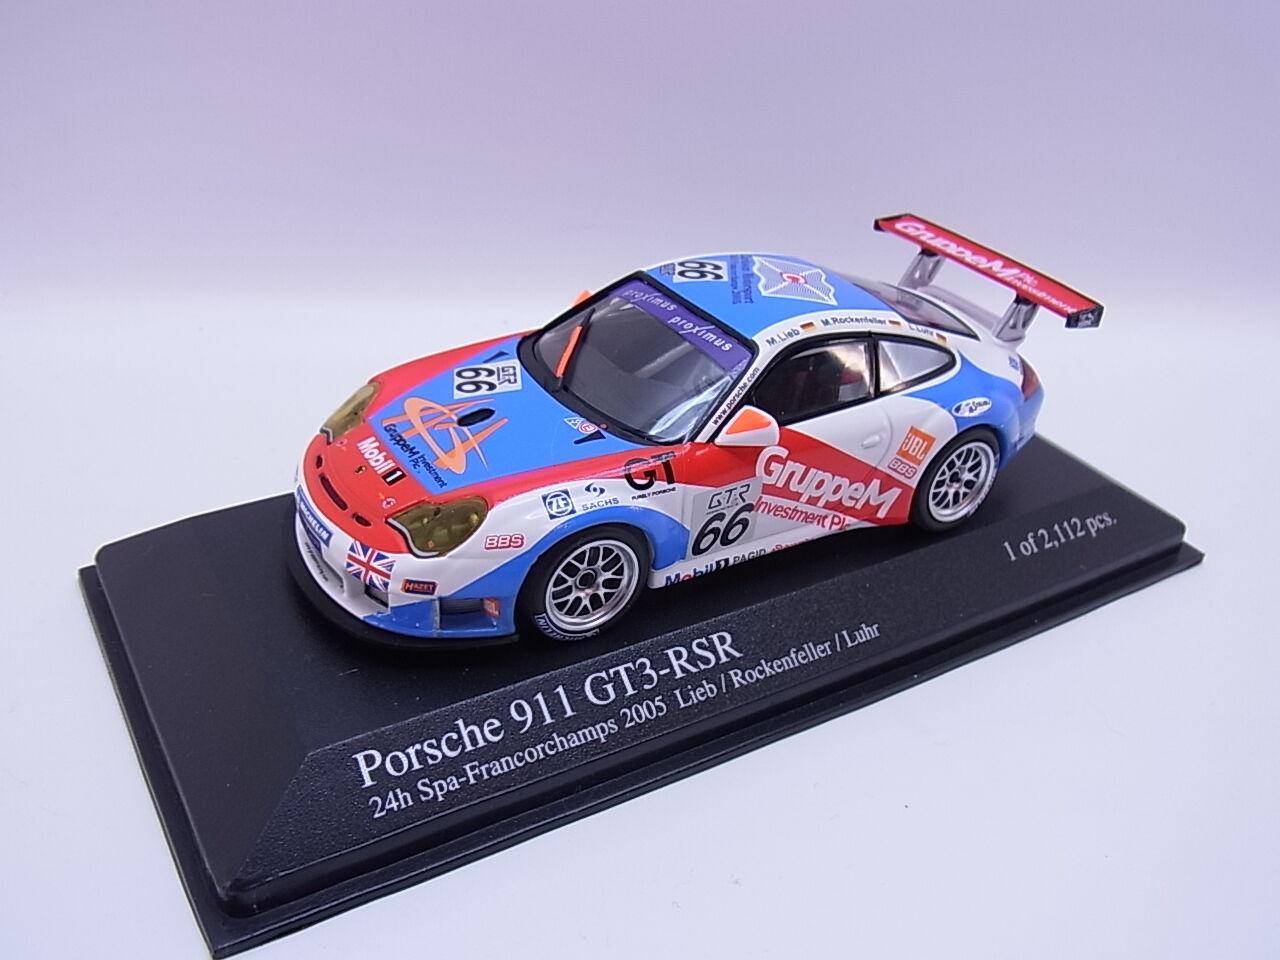 Lot 26145   MINICHAMPS 400056466 Porsche 911 gt3 rsr Voiture Miniature 1 43 dans neuf dans sa boîte